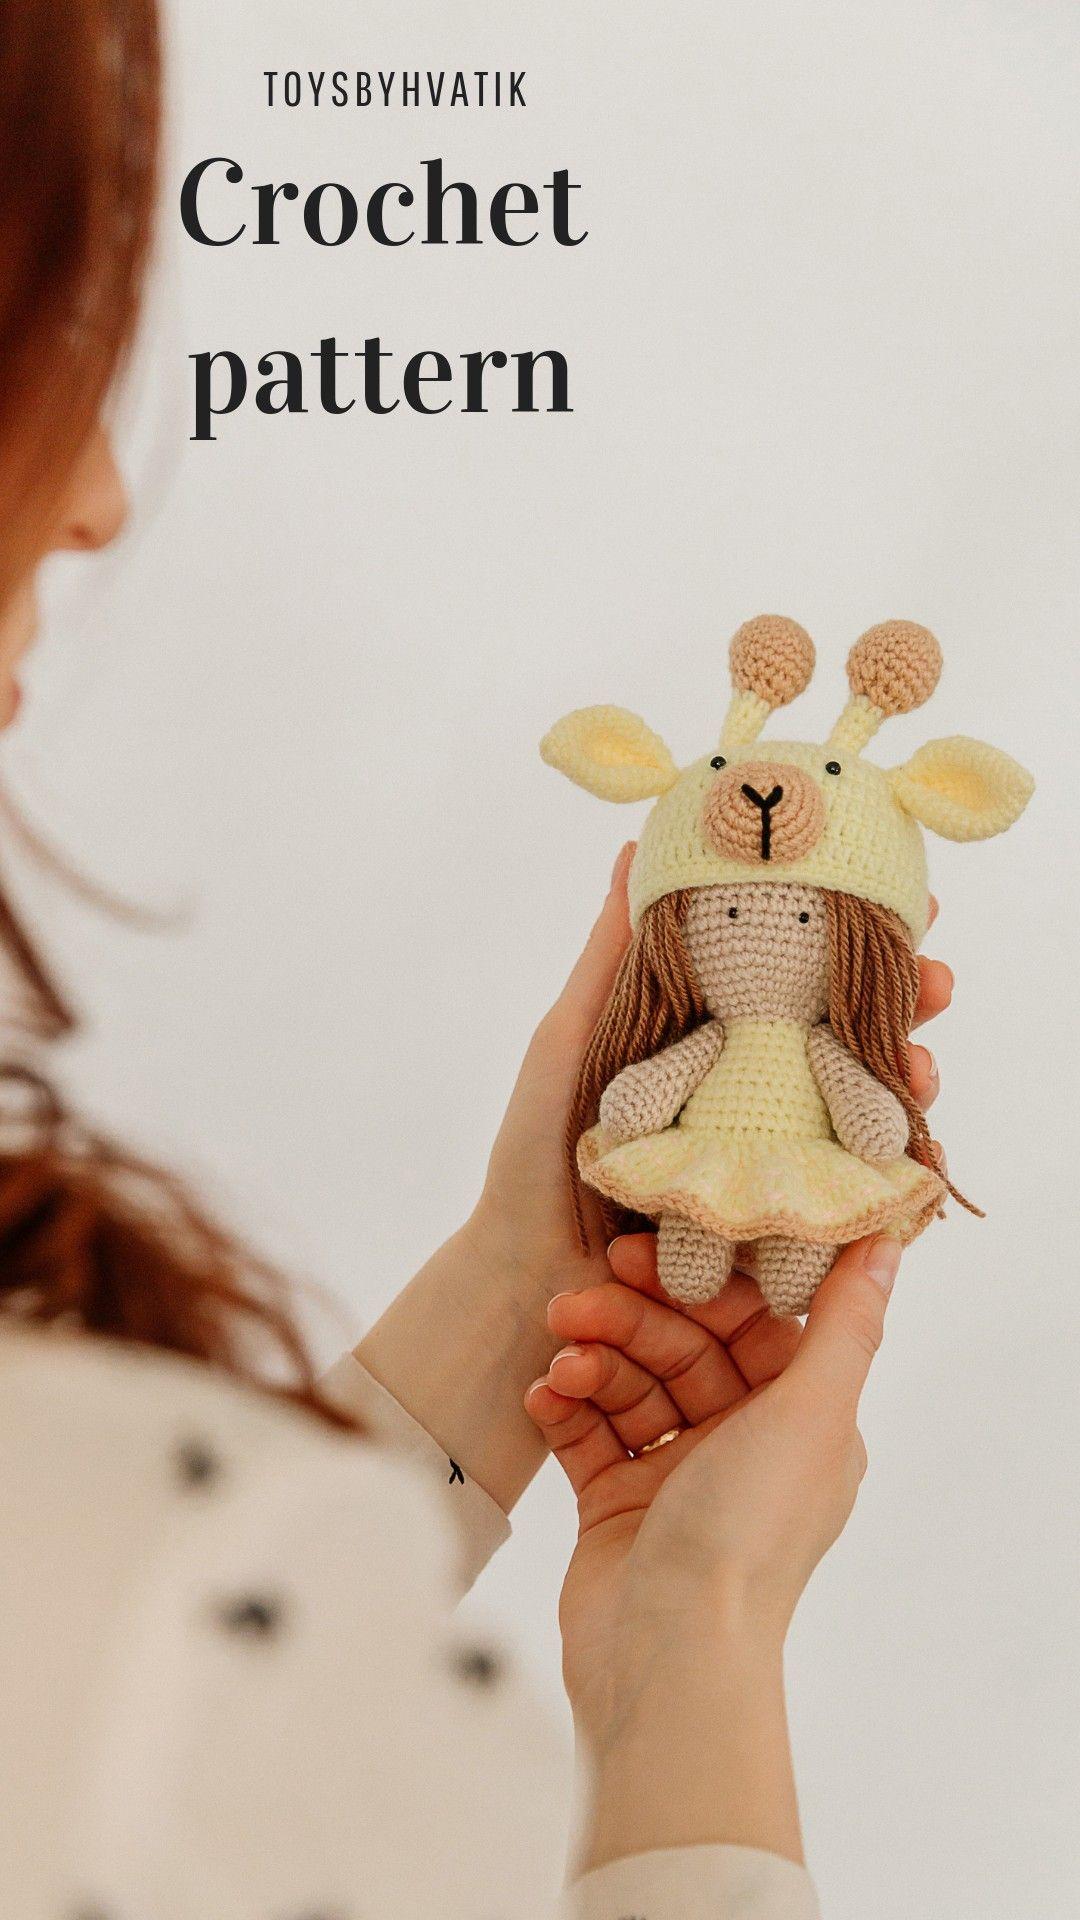 crochet giraffe, amigurumi giraffe, amigurumi pattern, crochet doll #instructionstodollpatterns